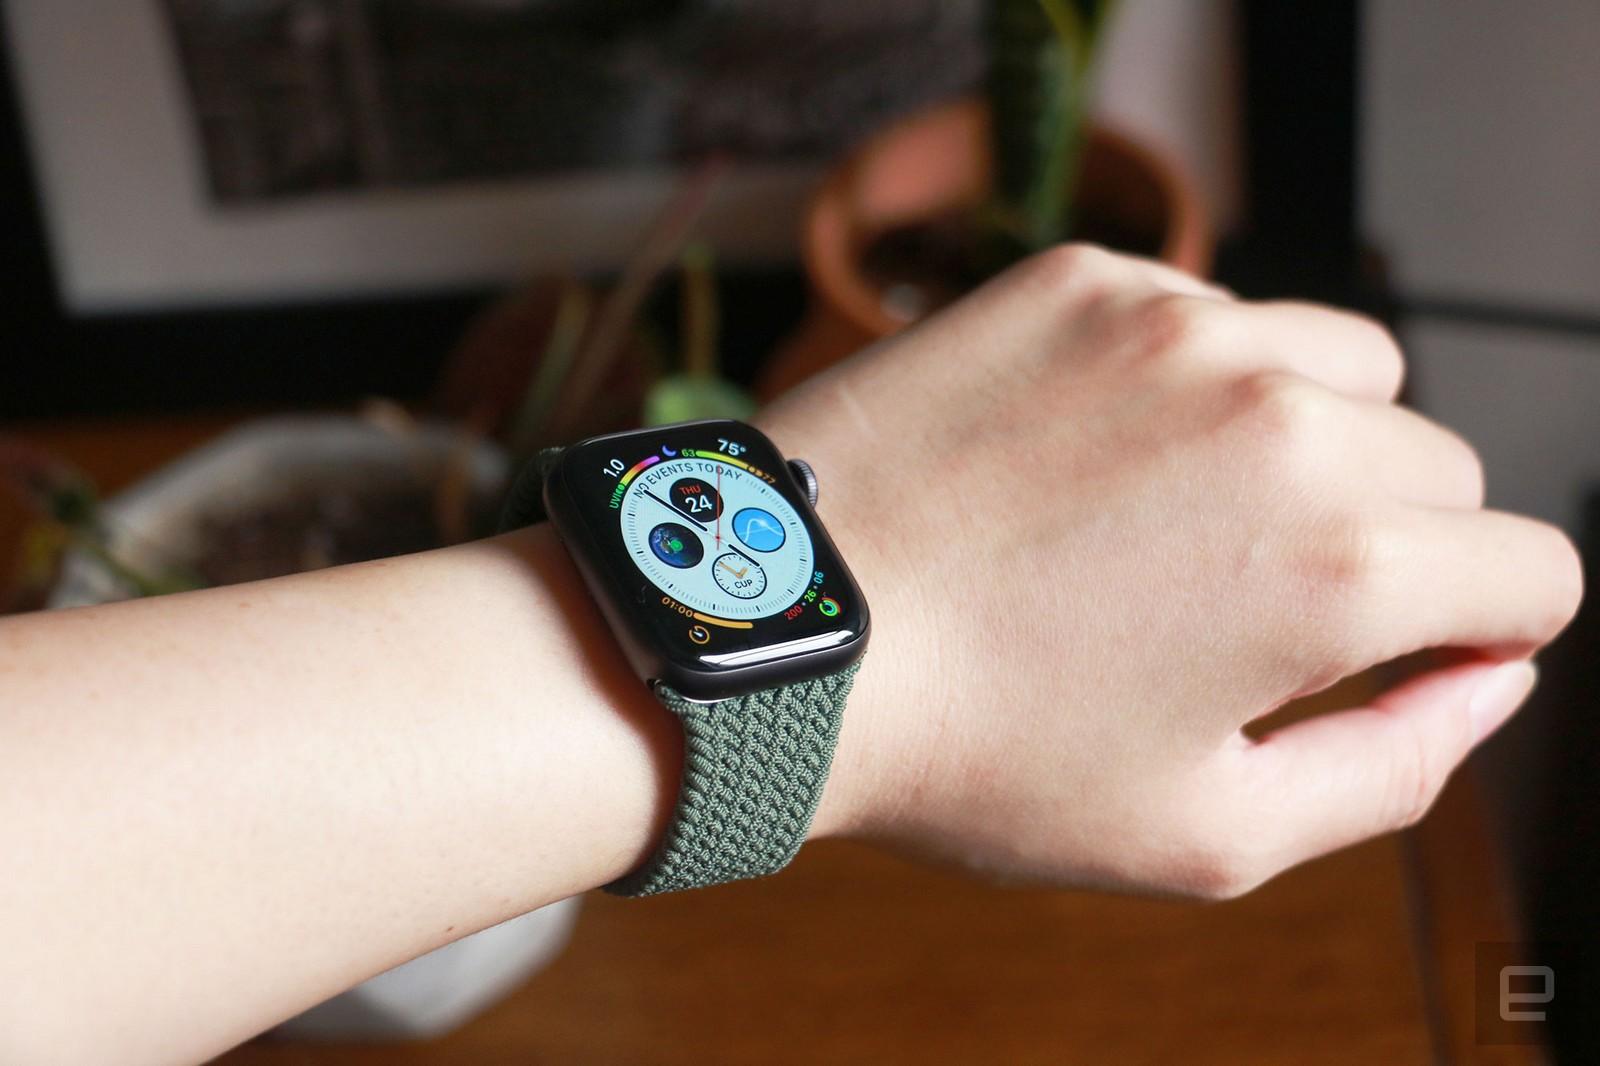 Apple Watch Series 7, yeni bir ekran ve güncellenmiş ultra geniş bant teknolojisi içerebilir | Engadget